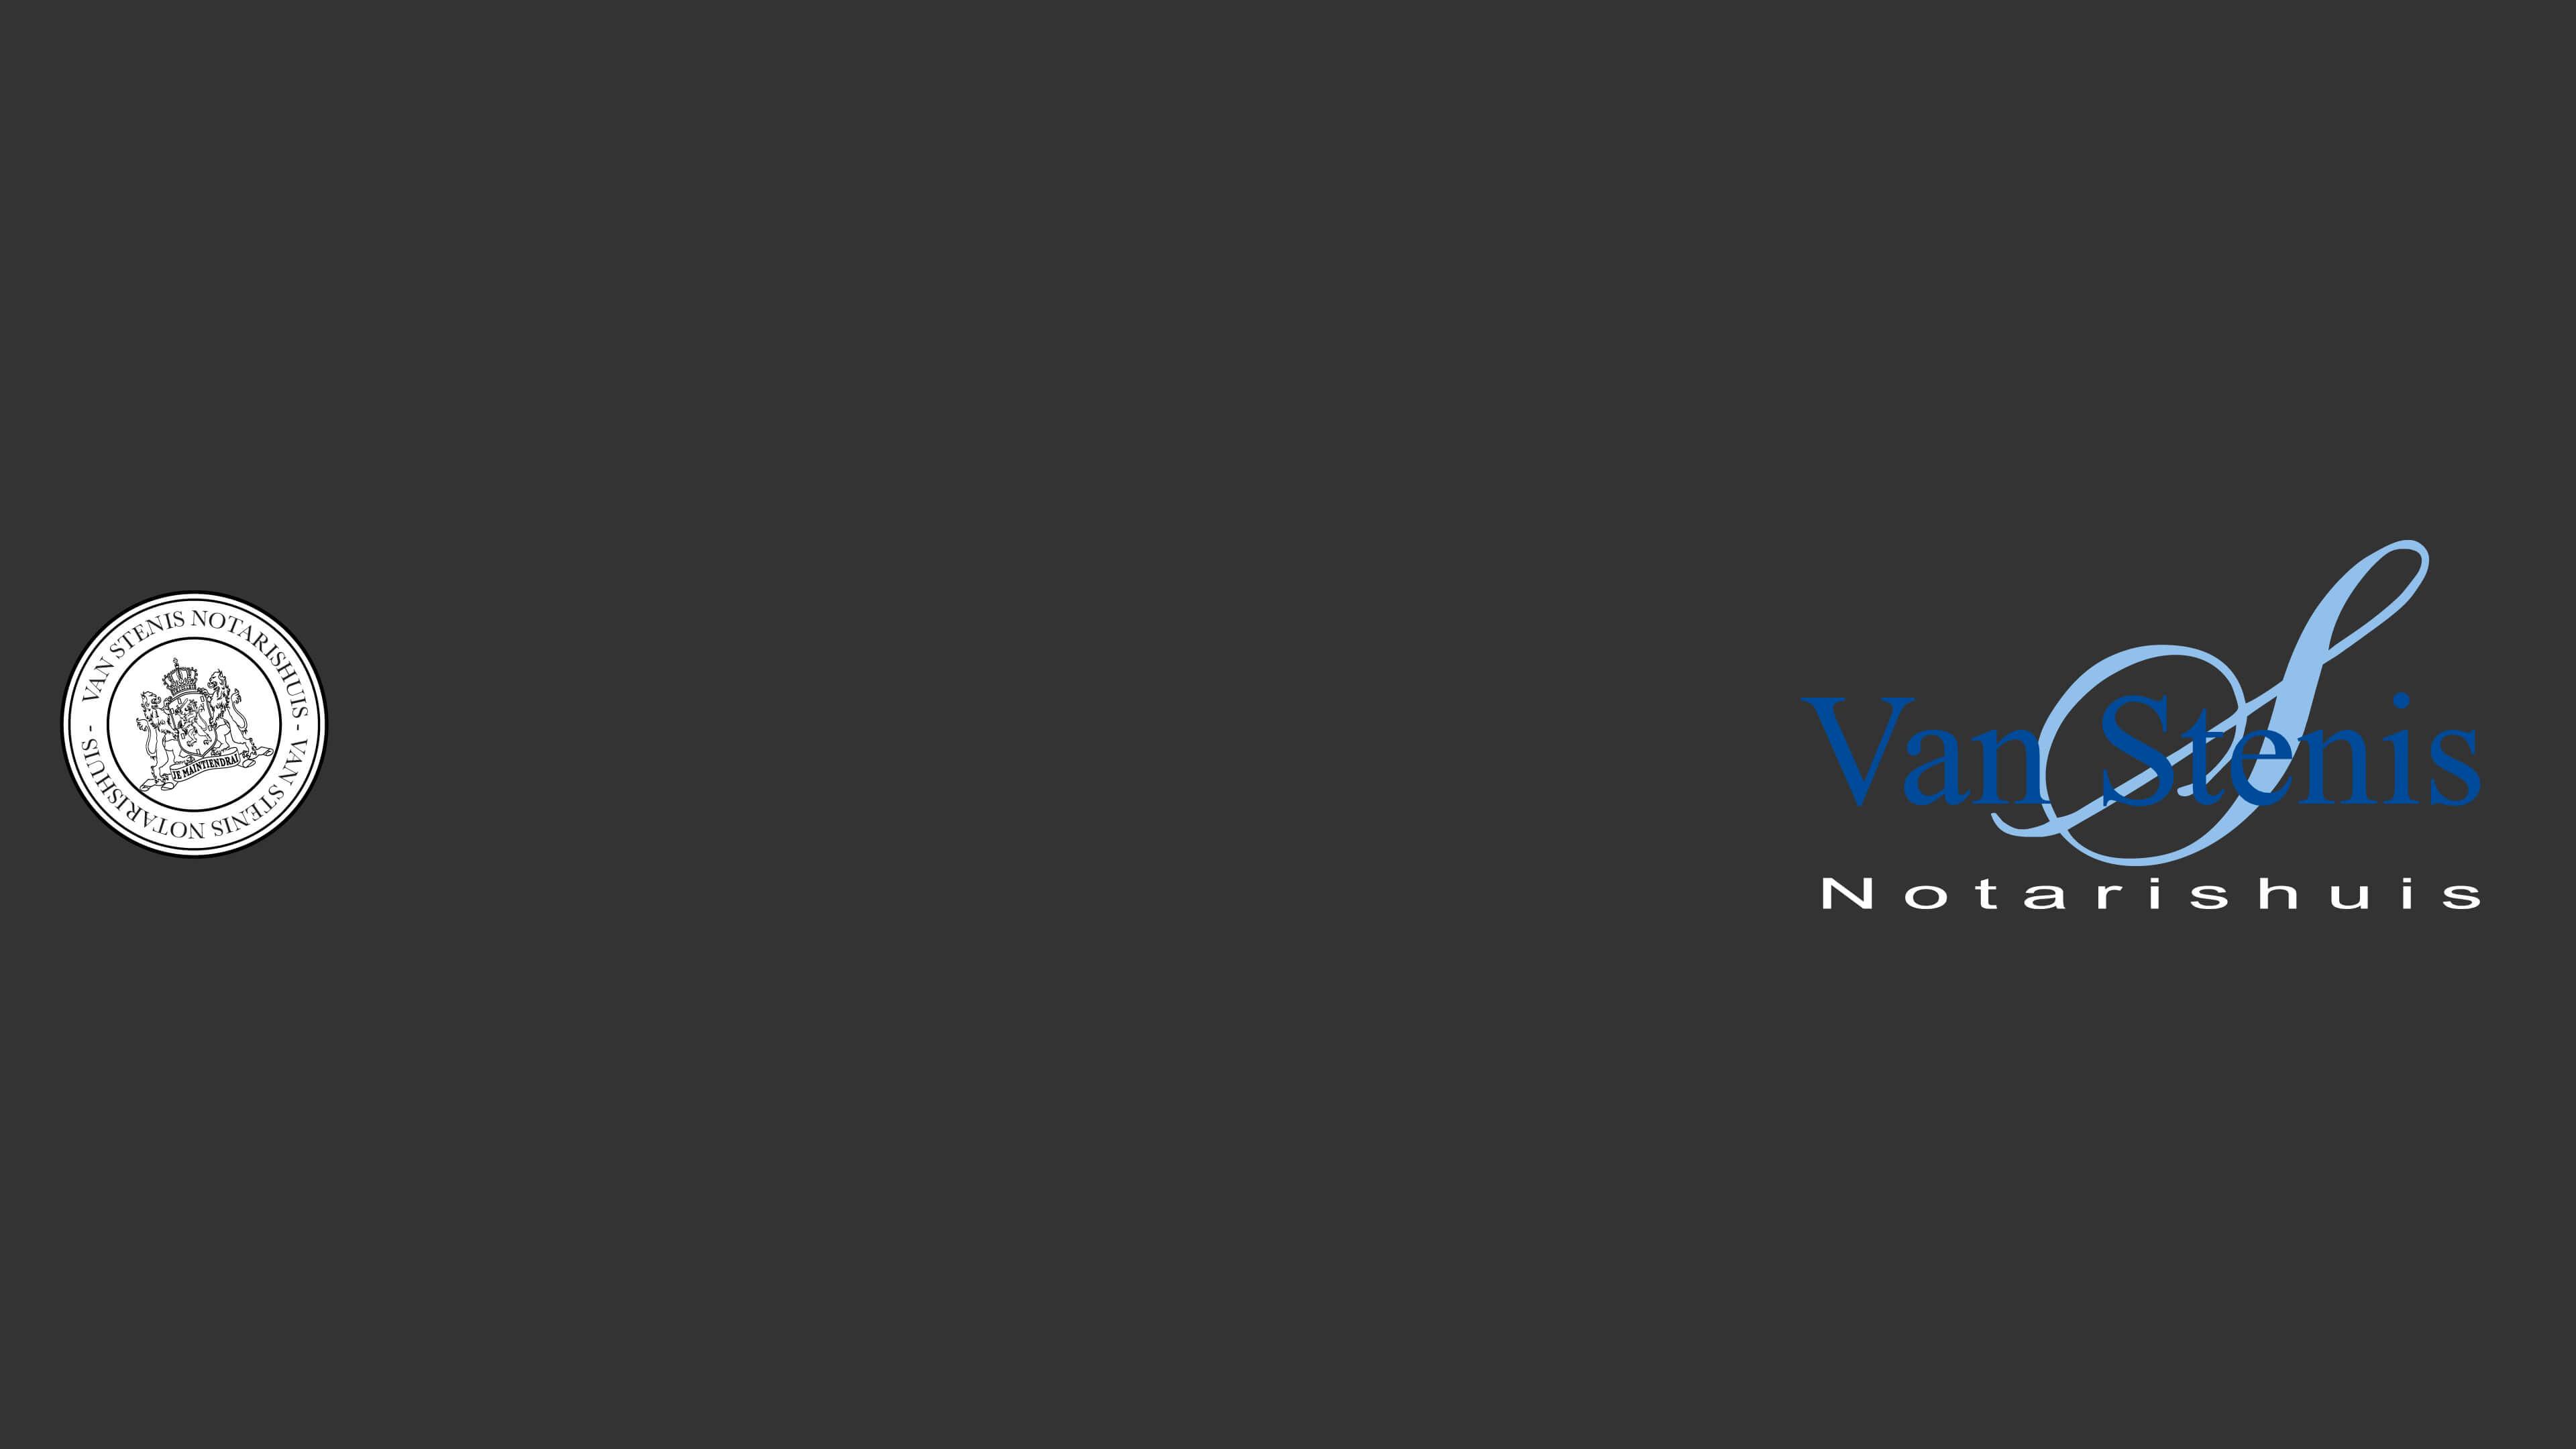 Afbeelding van een zegel en van het logo van Van Stenis Notarishuis.